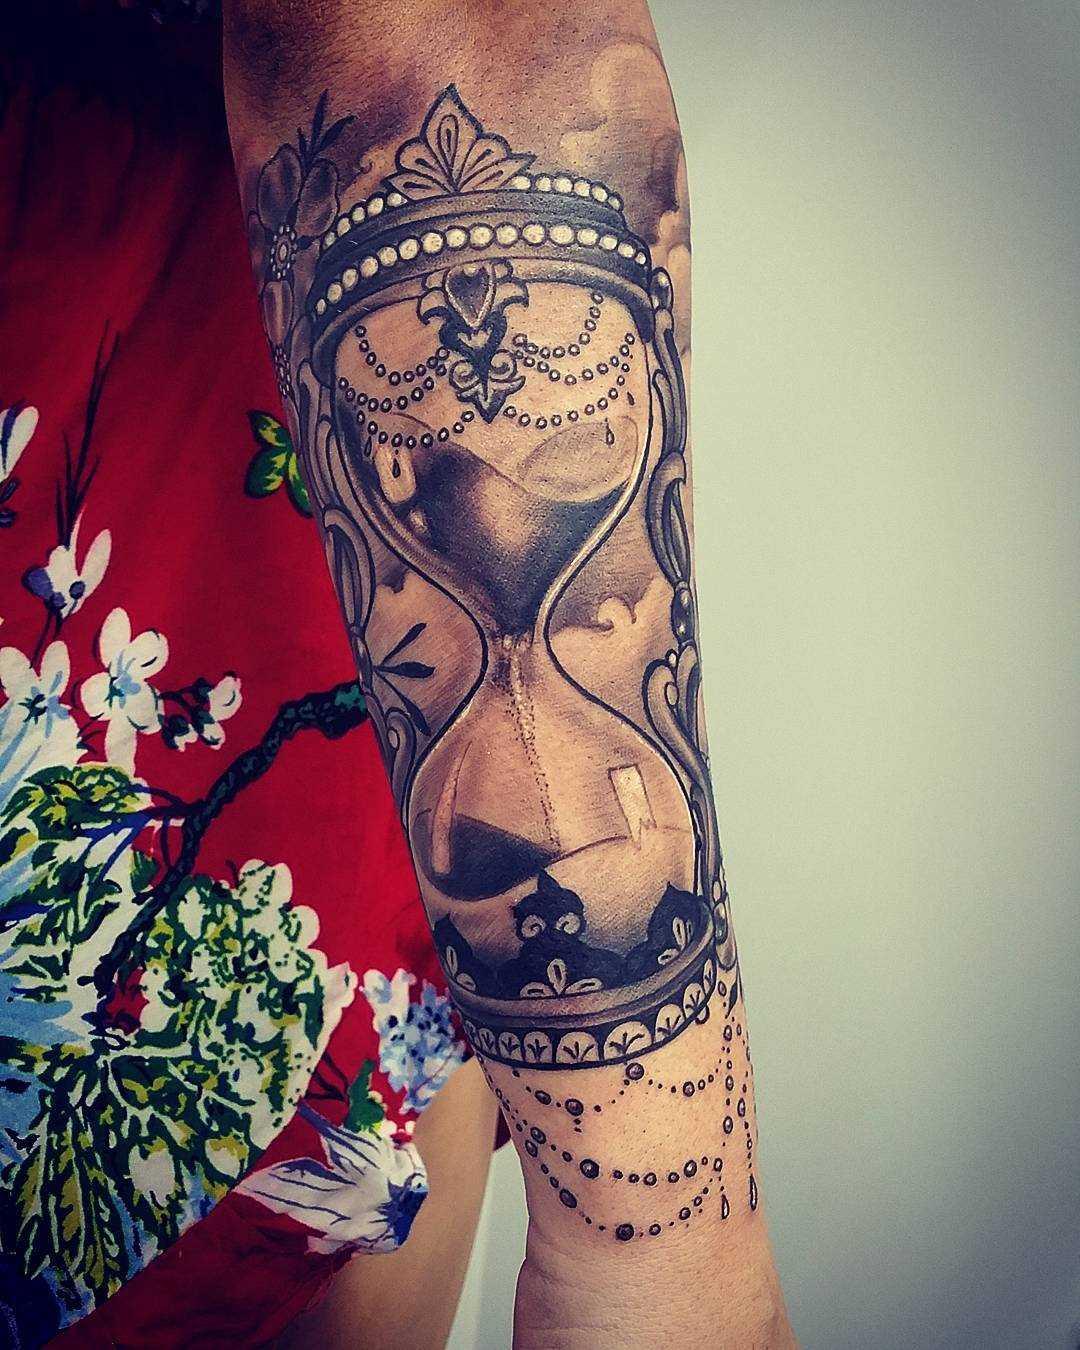 Tatuagem de ampulheta no antebraço da mulher